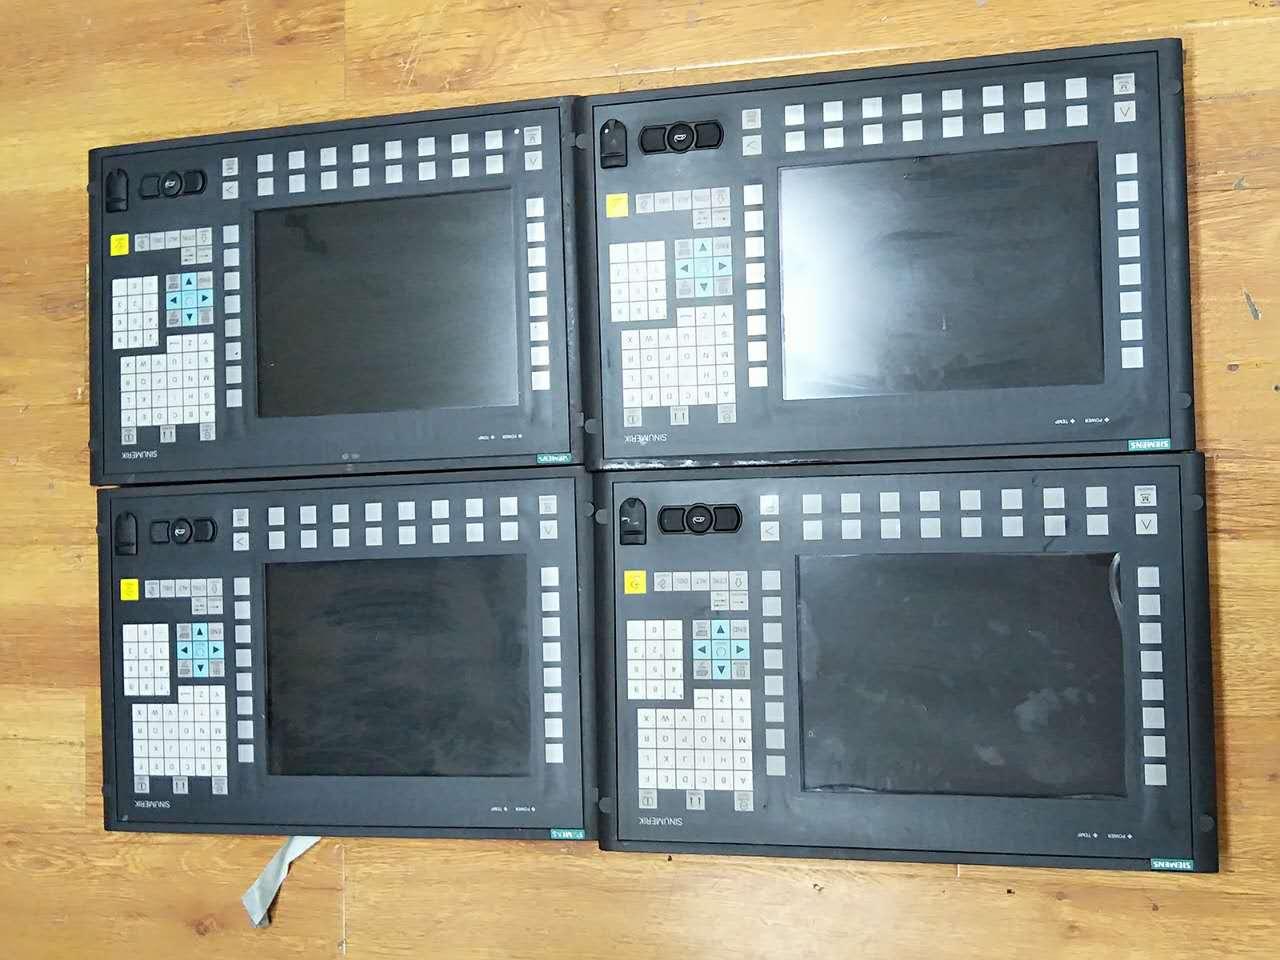 闵行专业维修西门子数控OP屏黑屏,花屏,白屏故障维修